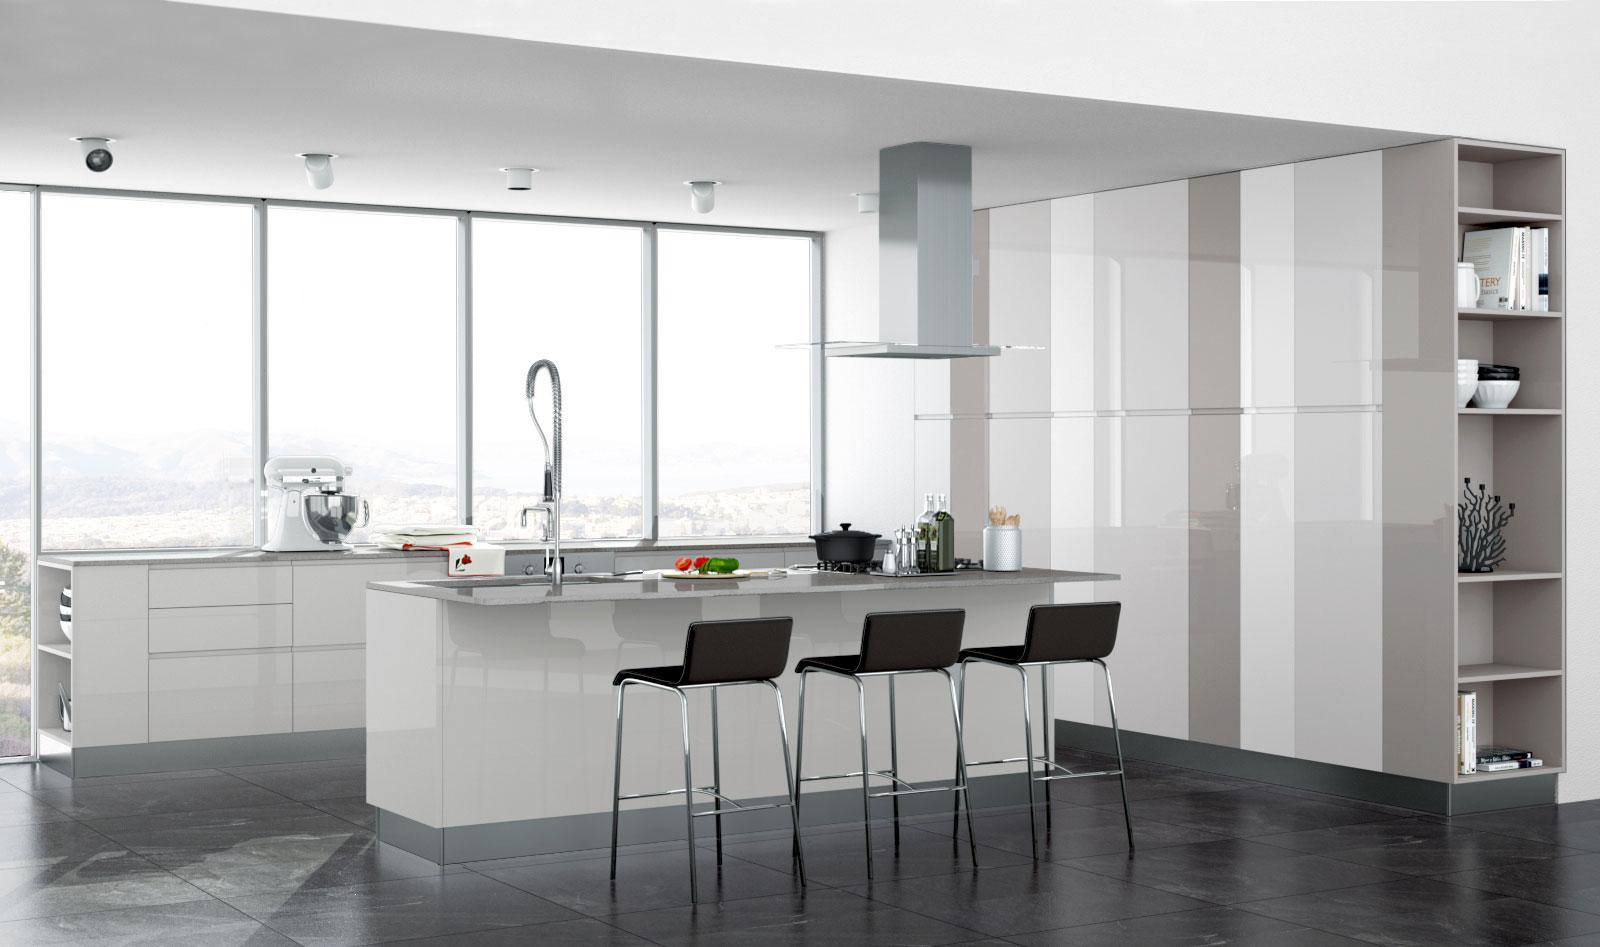 Maniglie Moderne Cucina